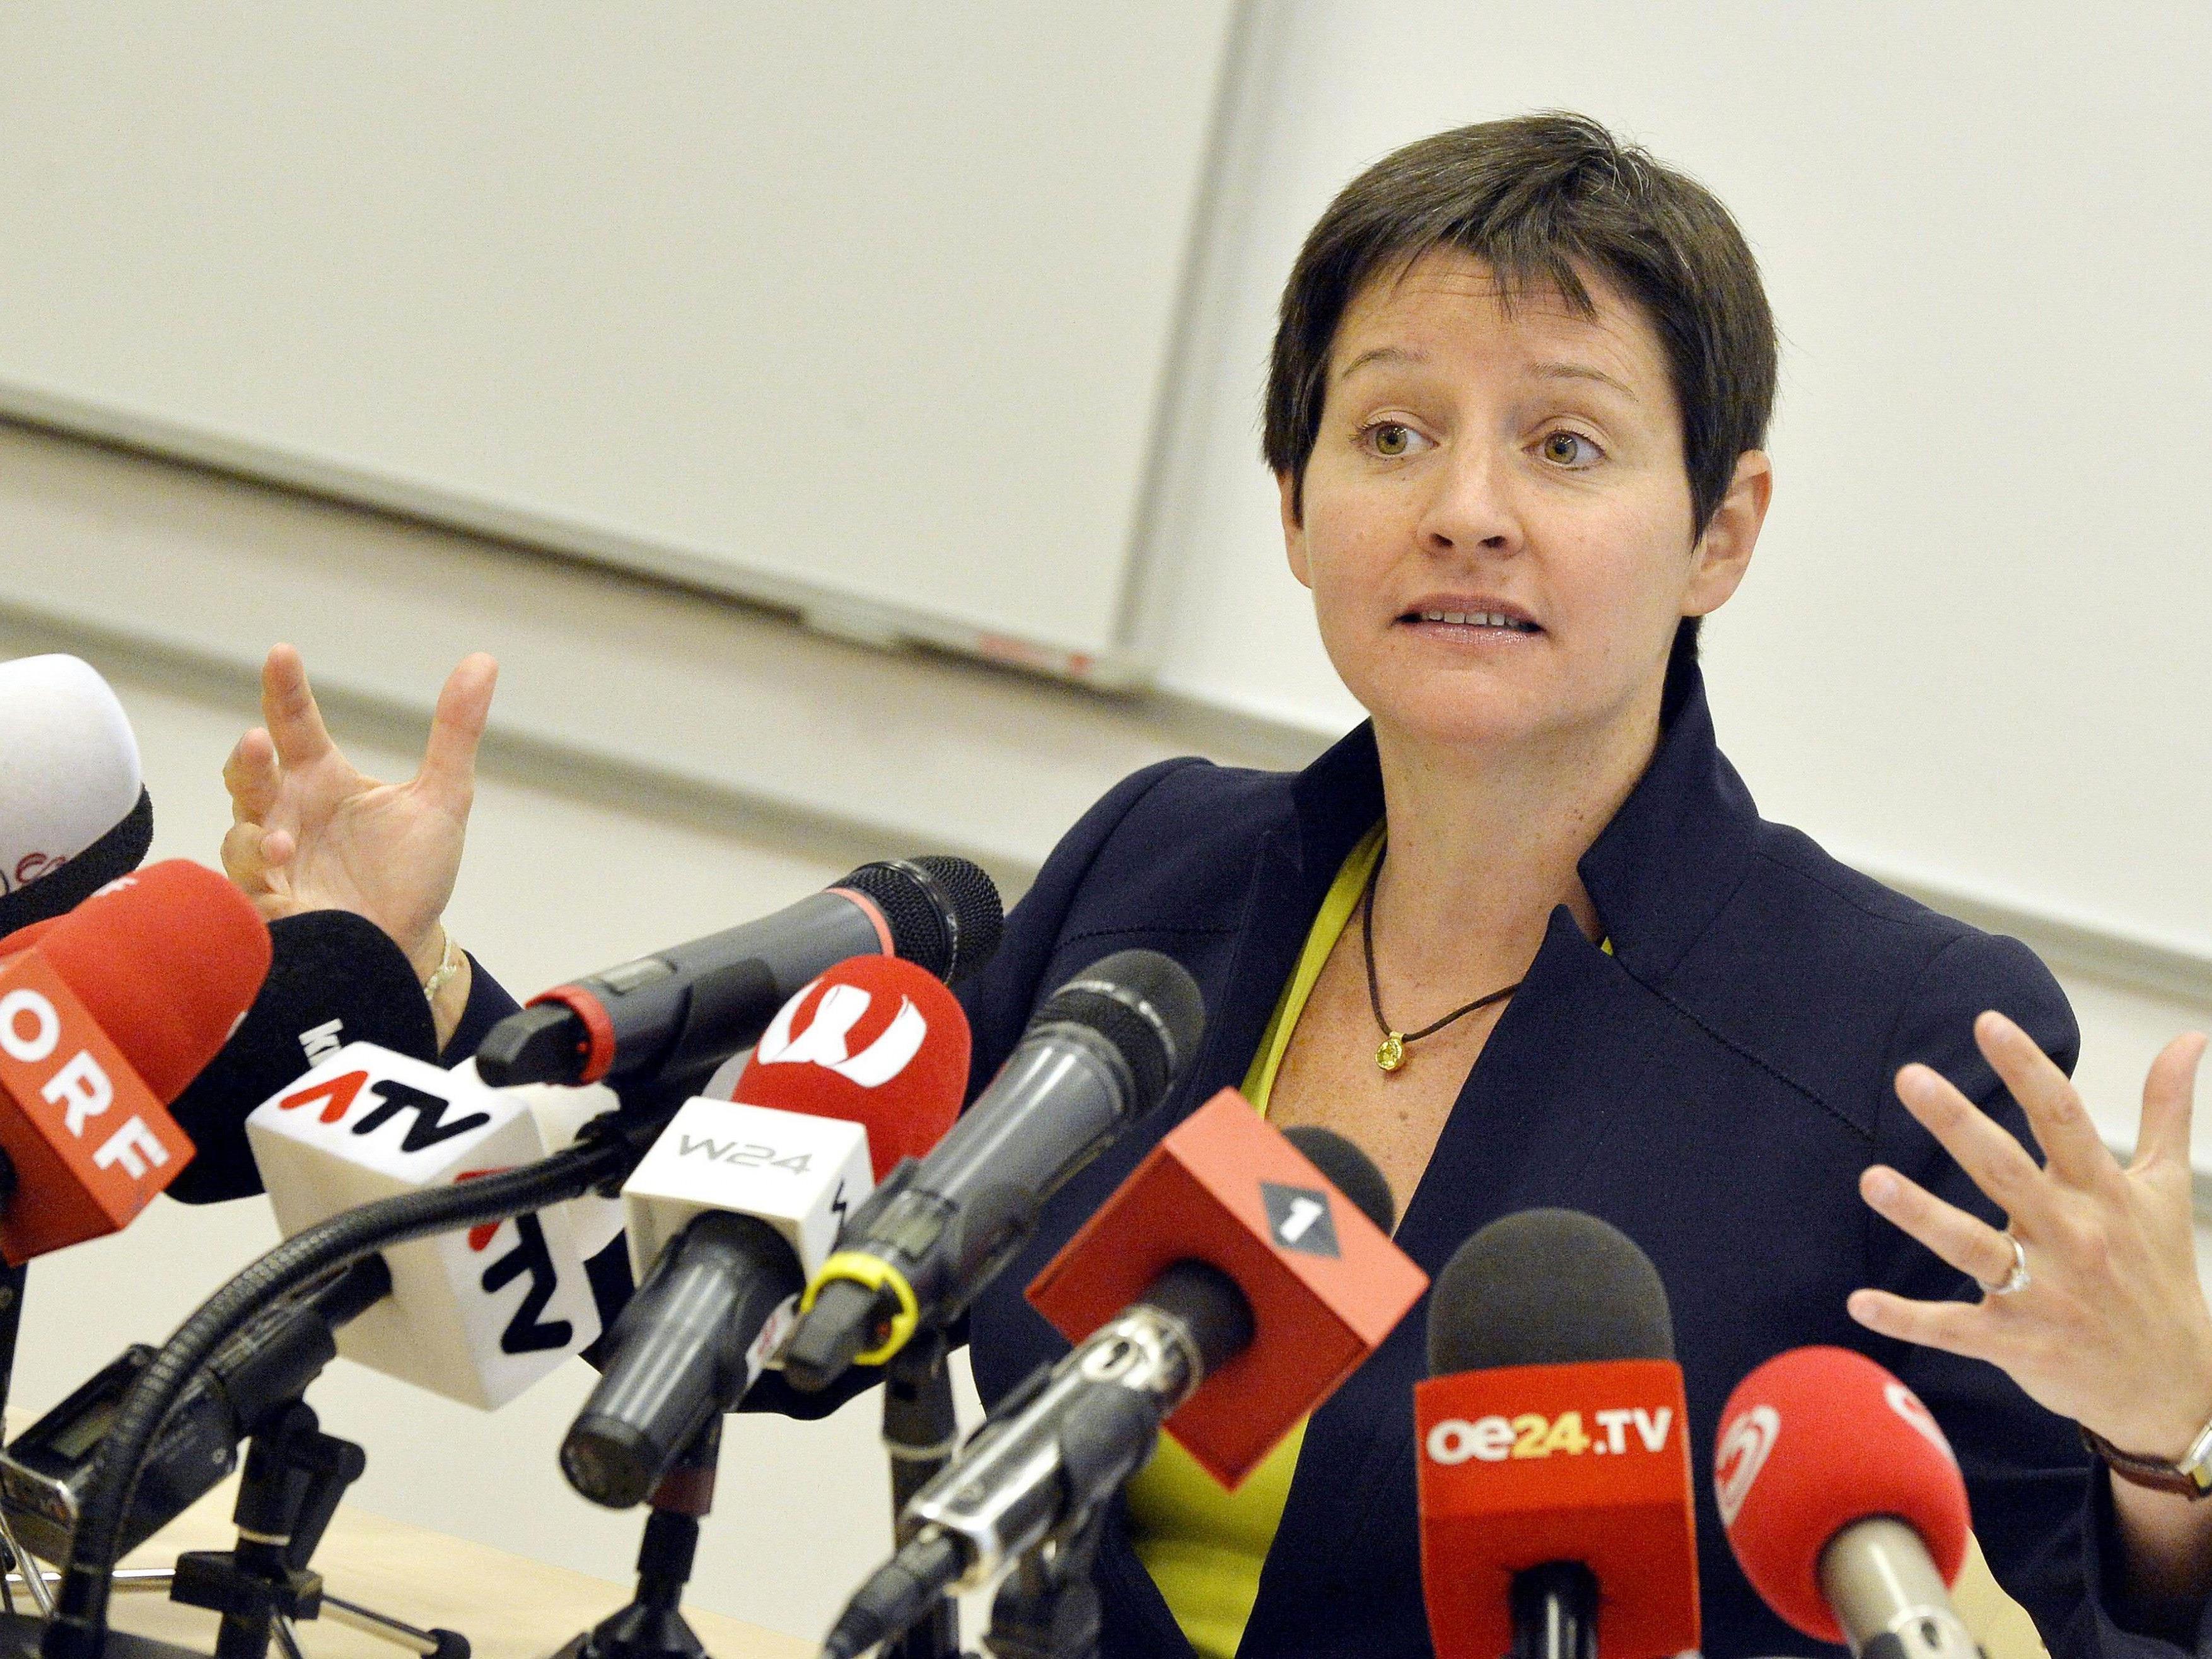 Kubik folgt Wehsely als SPÖ-Chef in der Wiener Leopoldstadt nach